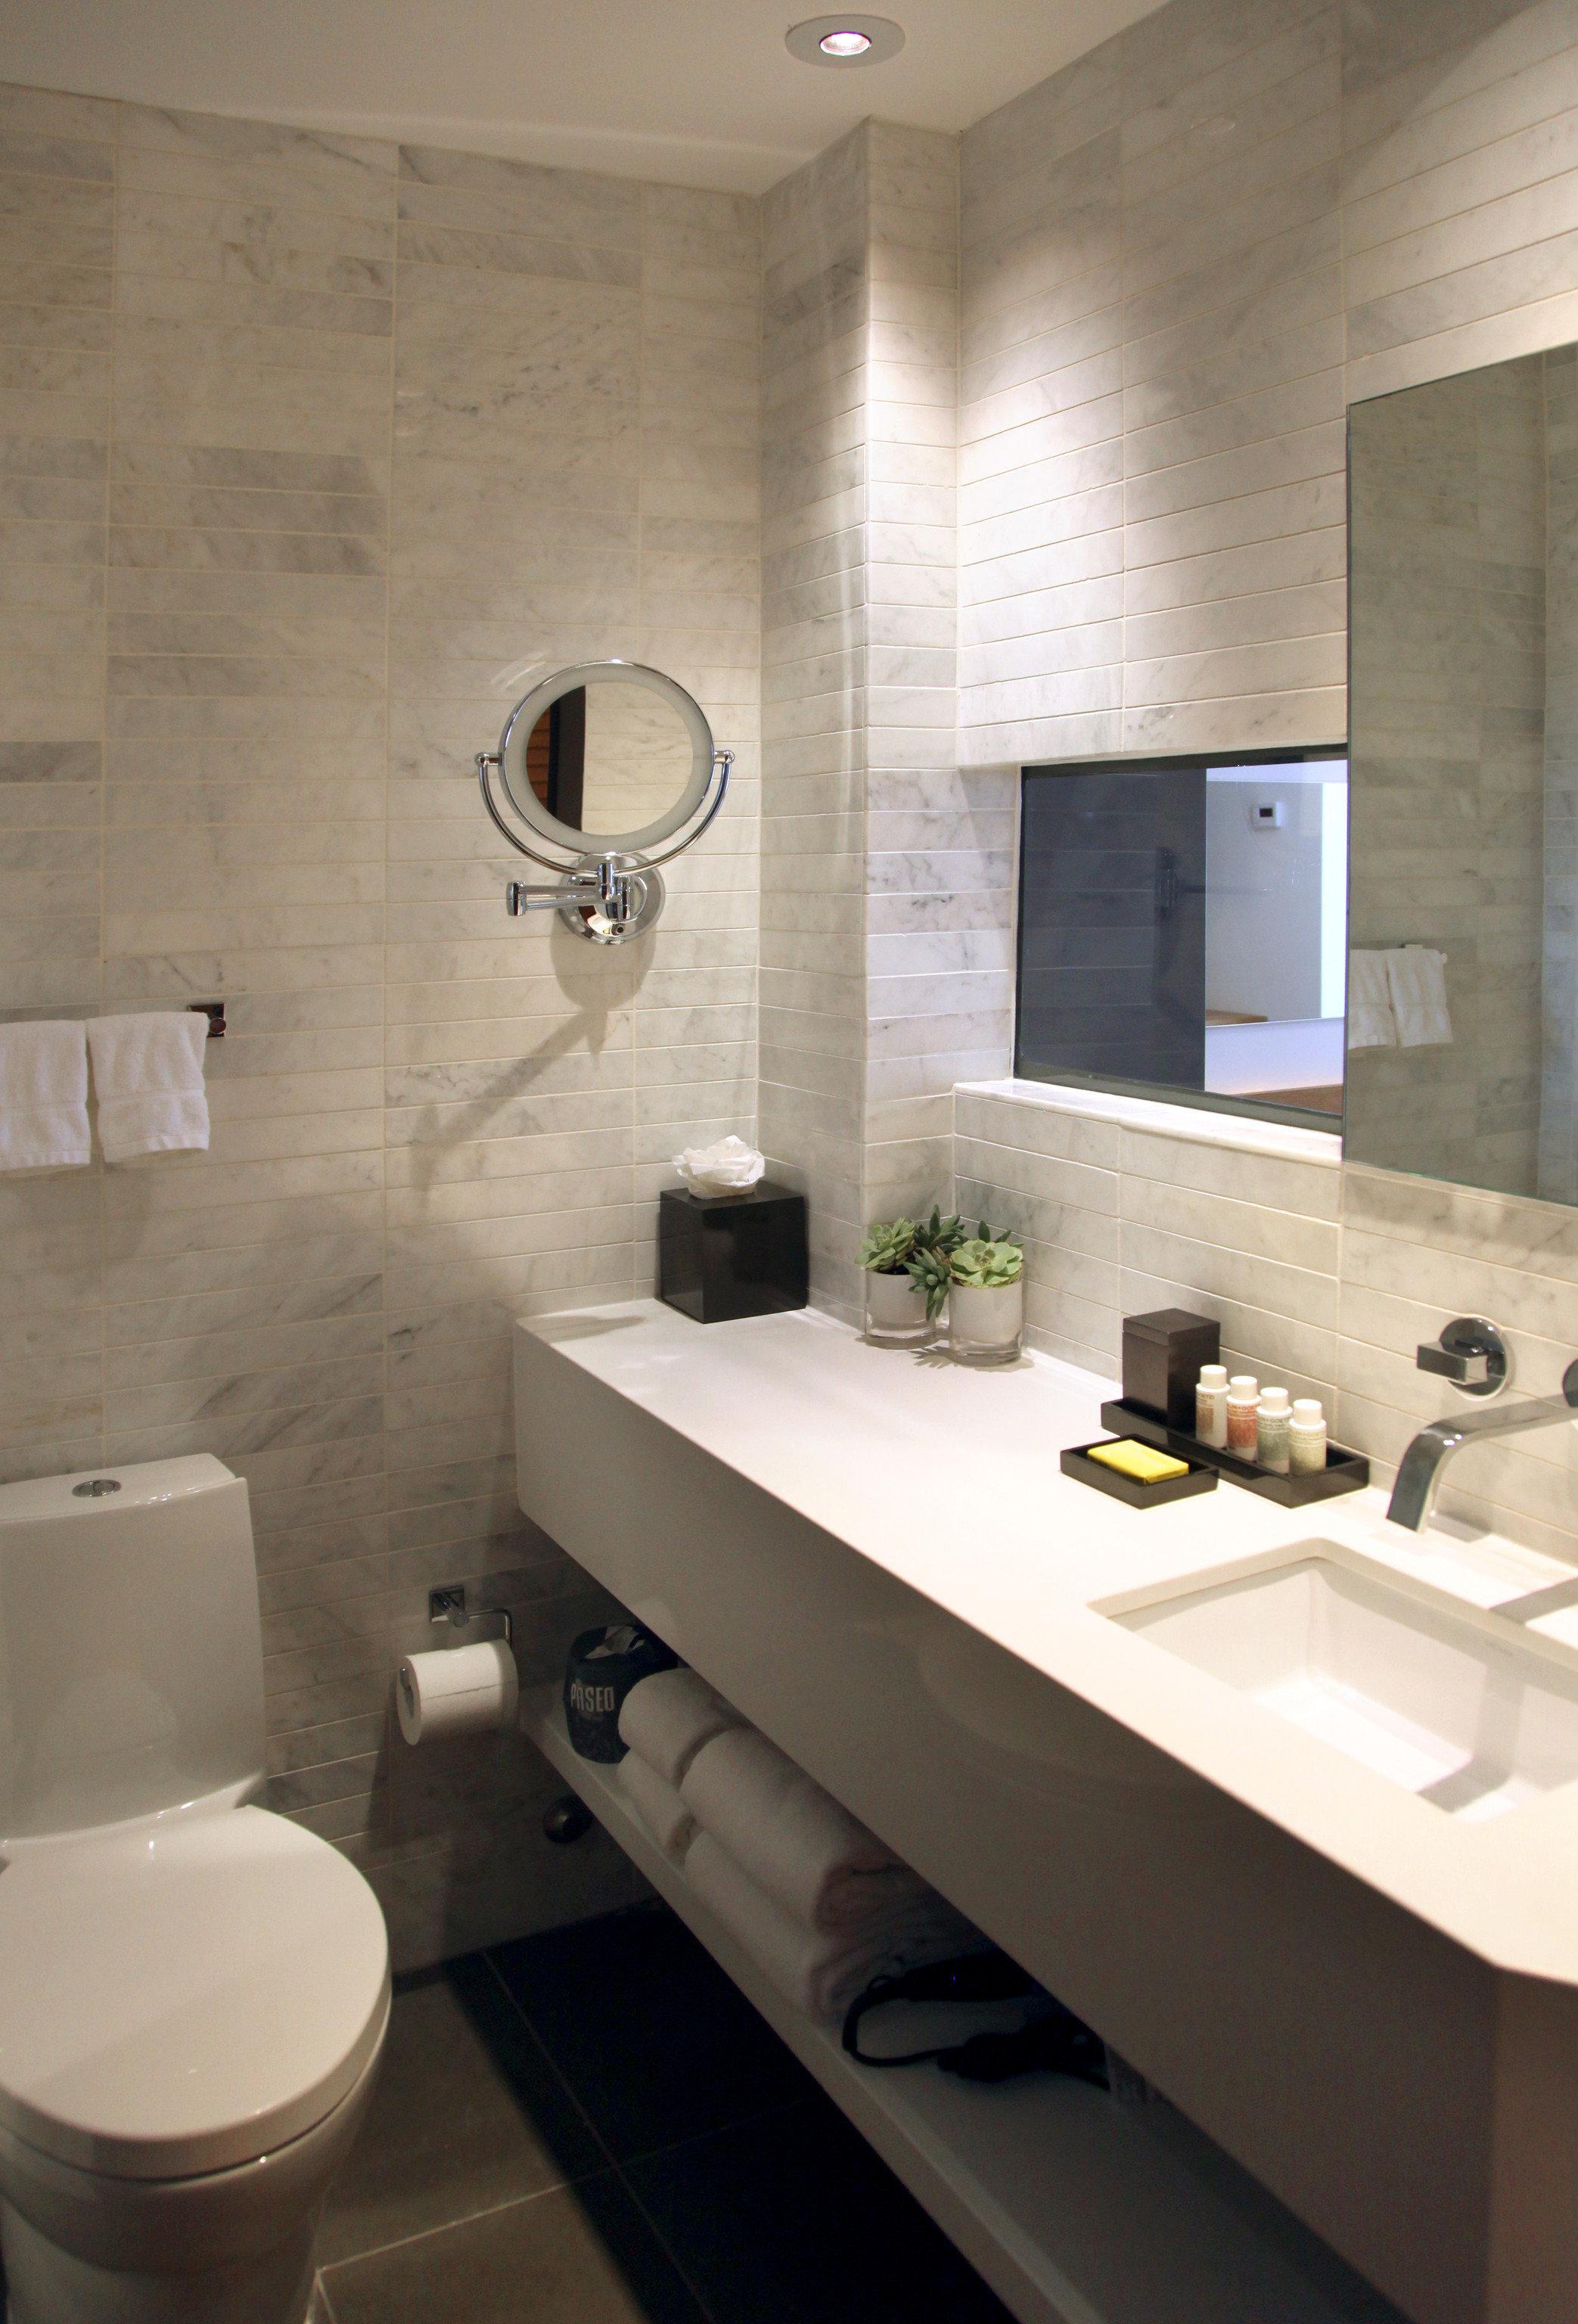 bathroom sink property toilet home plumbing fixture flooring bidet tile countertop